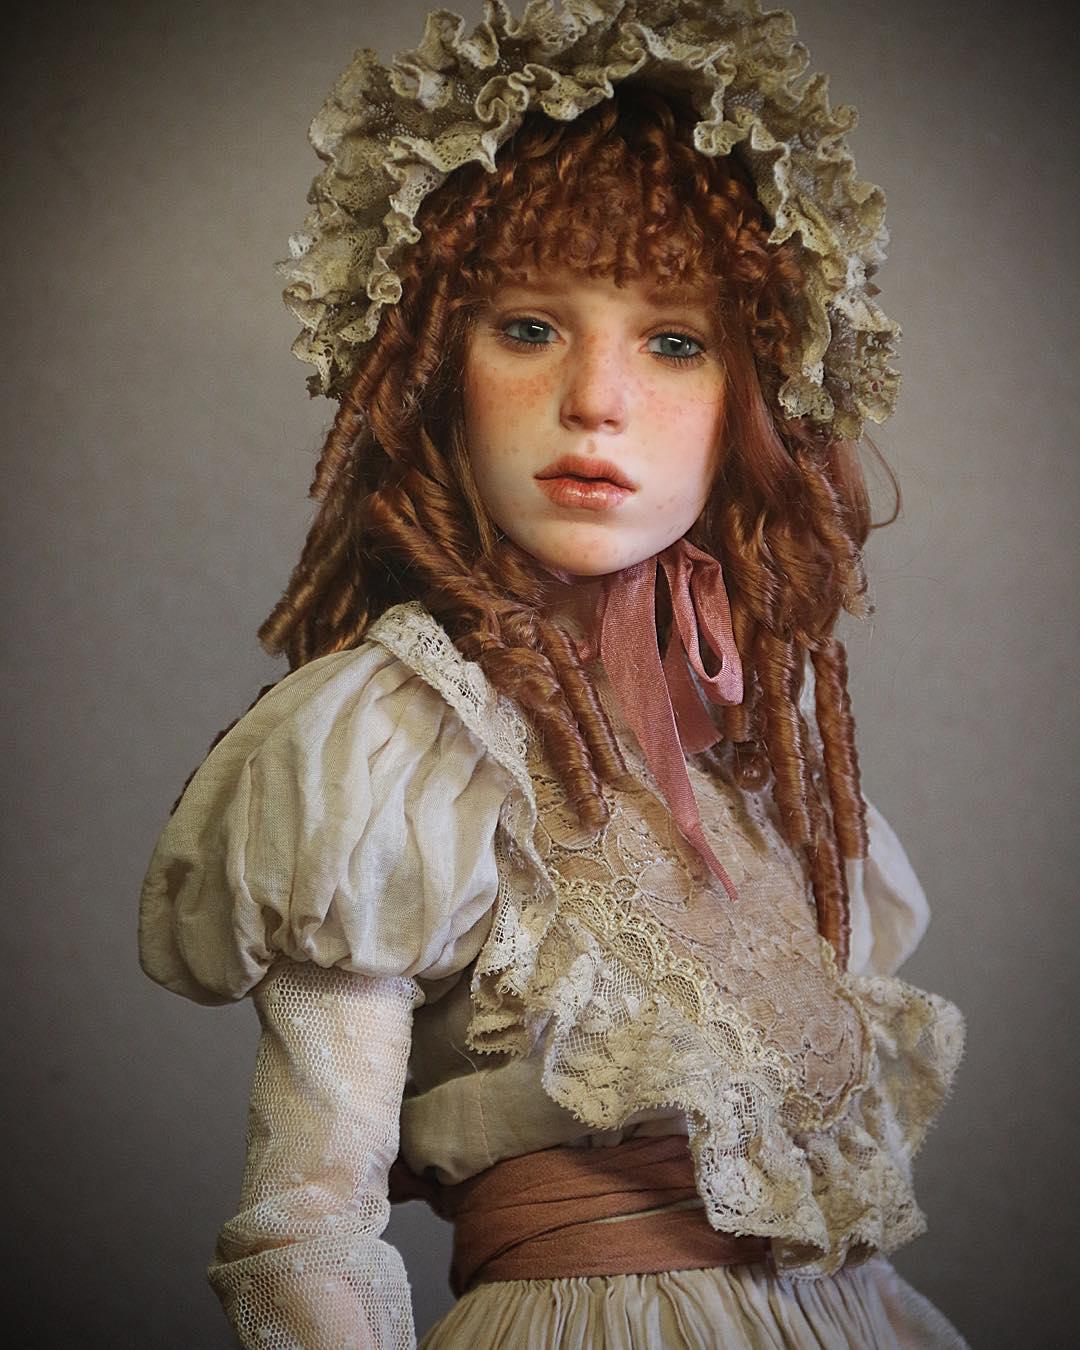 artista-realiza-rostros-de-muñecas-totalmente-reales-a-simple-vista-16